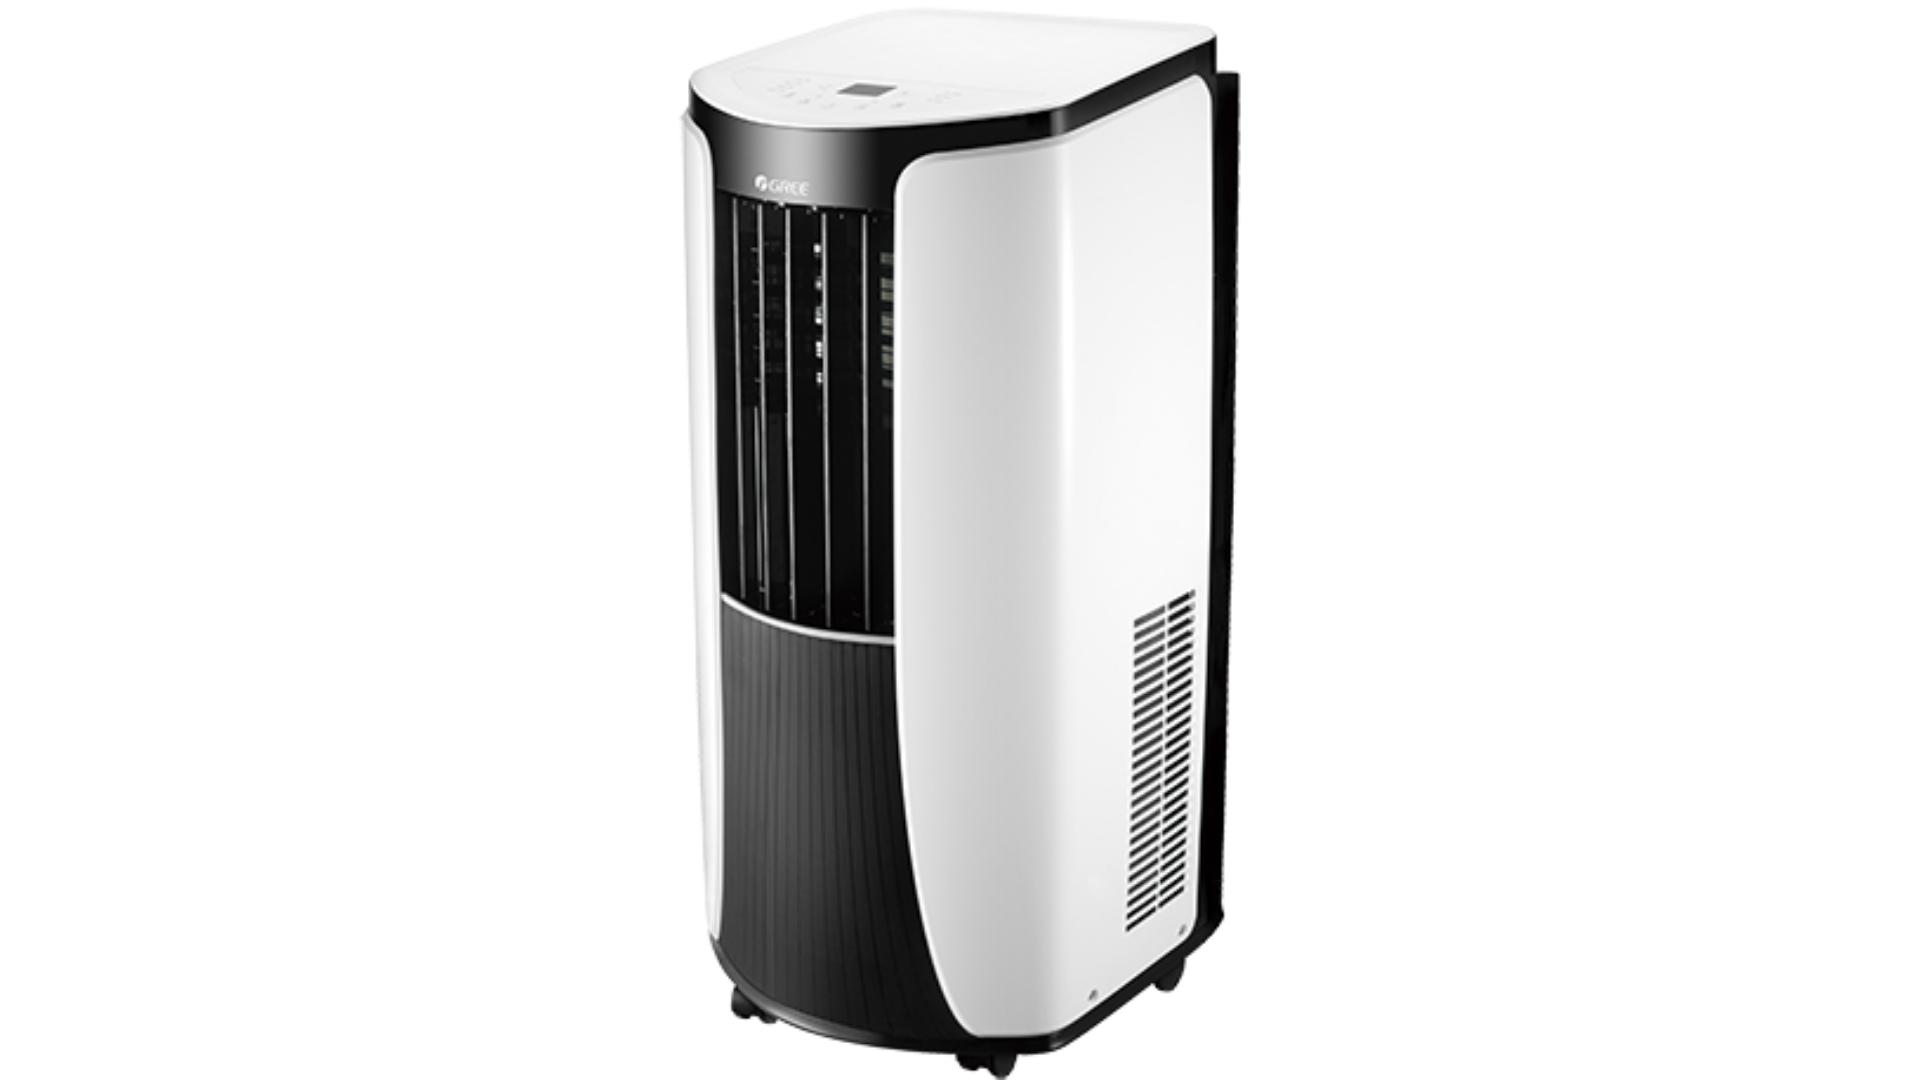 O ar-condicionado portátil Gree traz um design moderno e compacto! (Imagem: Divulgação/Gree)